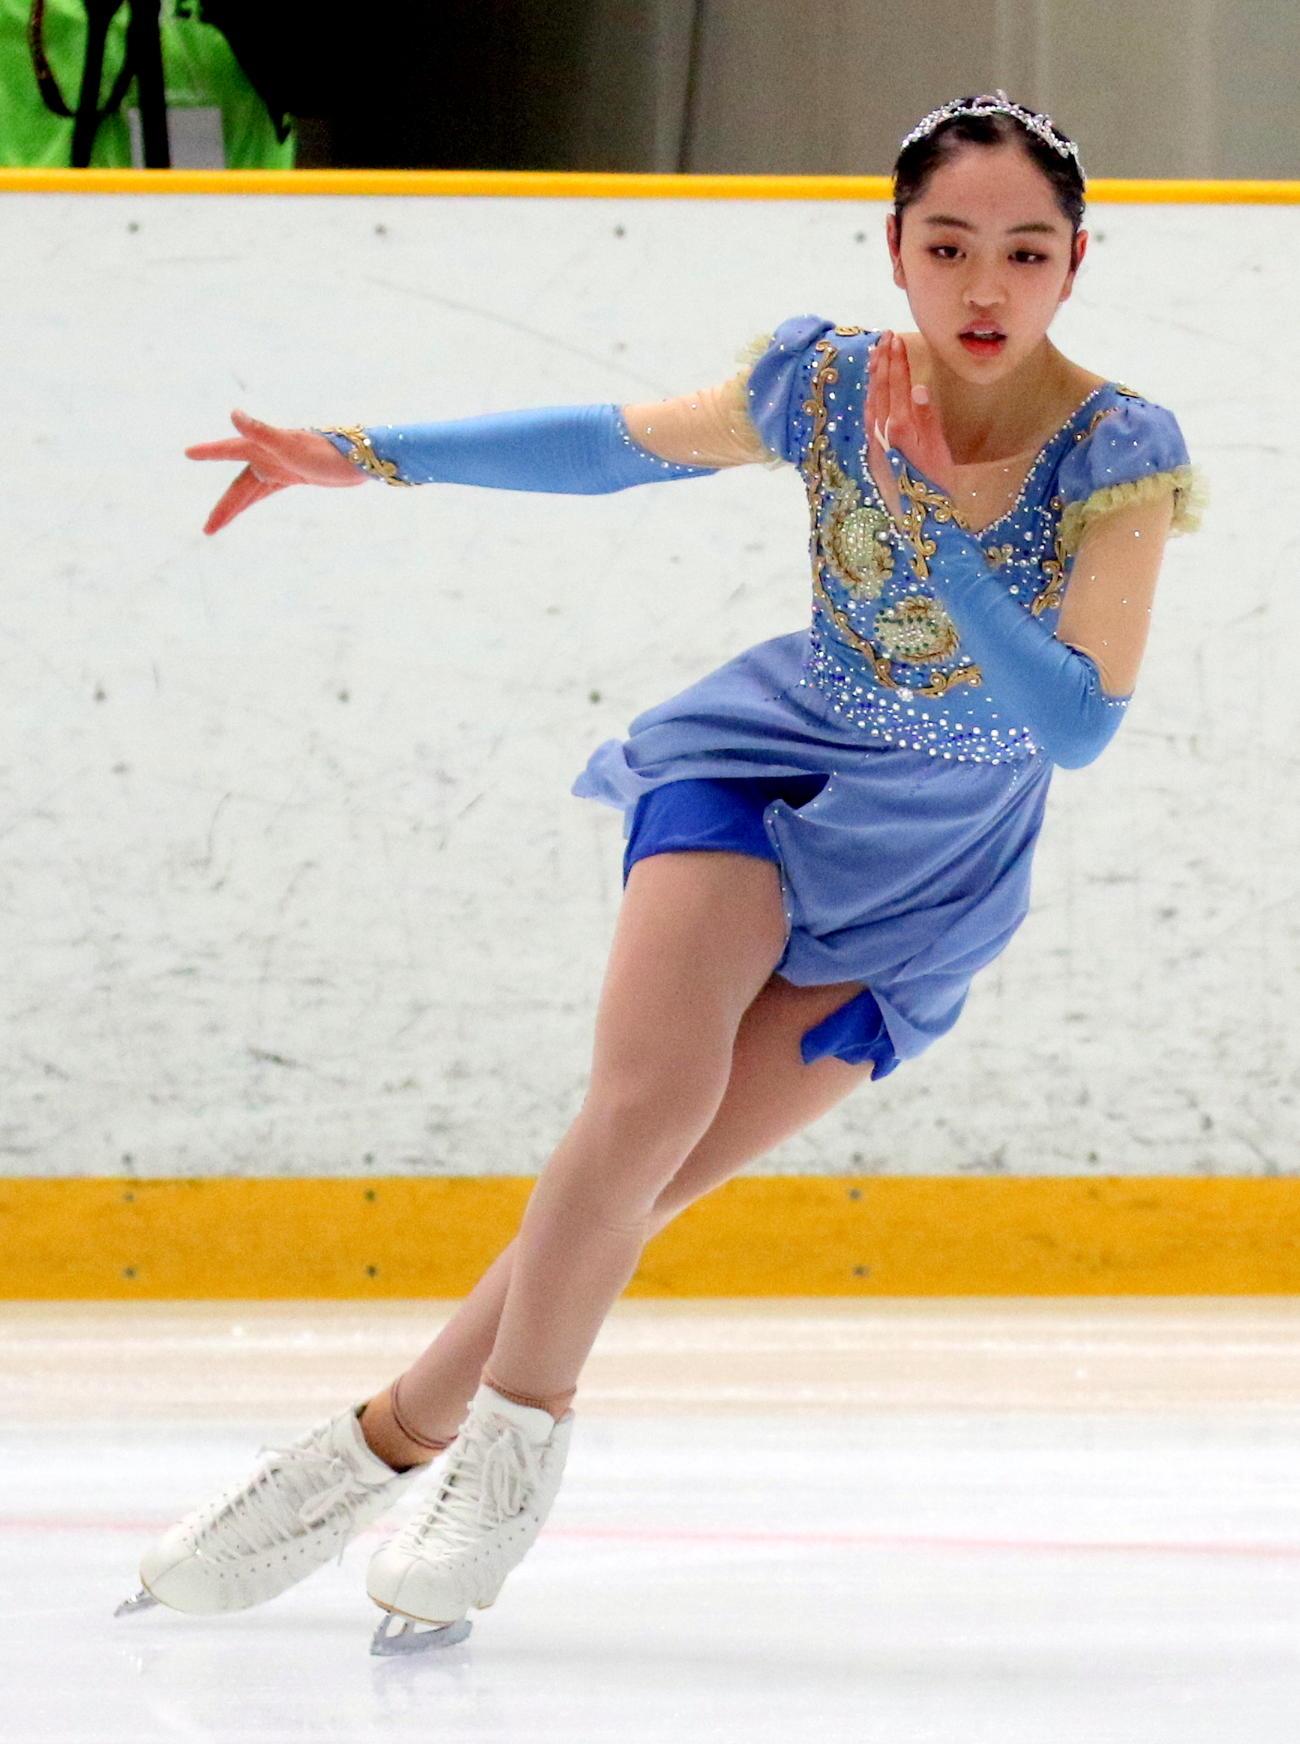 全国高校スケート選手権フィギュア競技 女子決勝(フリー)でSP6位から総合2位に順位を上げた香椎2年の江川マリア(撮影・木下淳)